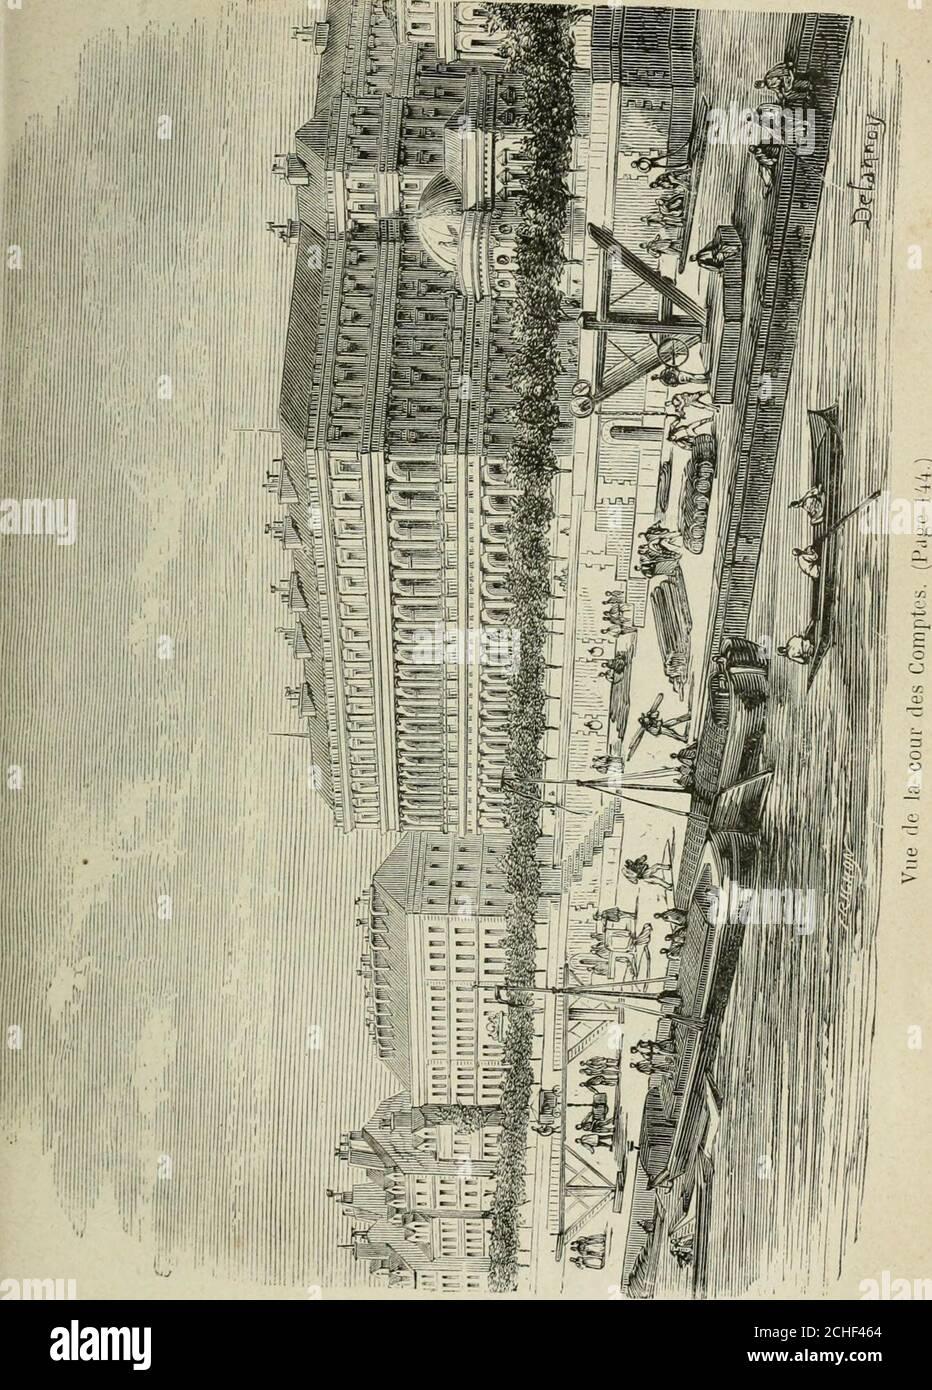 . Les merveilles du nouveau Paris-- . Presque contigu au palais du Grand Luxemburg. Le Petit Luxembourg fut bâti en 1629, par Richelieu, pour lui servirde demeure en Attendant que le Palais-Cardinal fût construit.Il communiquait autrefois au Grand Luxembourg par uncorps de bâtiment. CE fut là que le maréchal Ney attendit sacondamnation. Depuis, ce palais resta désert. Il neut denouveaux hôtes quà la révolution de Juillet 1830 : lesministres de Charles X y furent enfermés avant le jugementde la Chambre. Puis vinrent Fieschi et ses complices;Alibaud et Meunier ; à loccasion du fameux procès répu Stockfoto